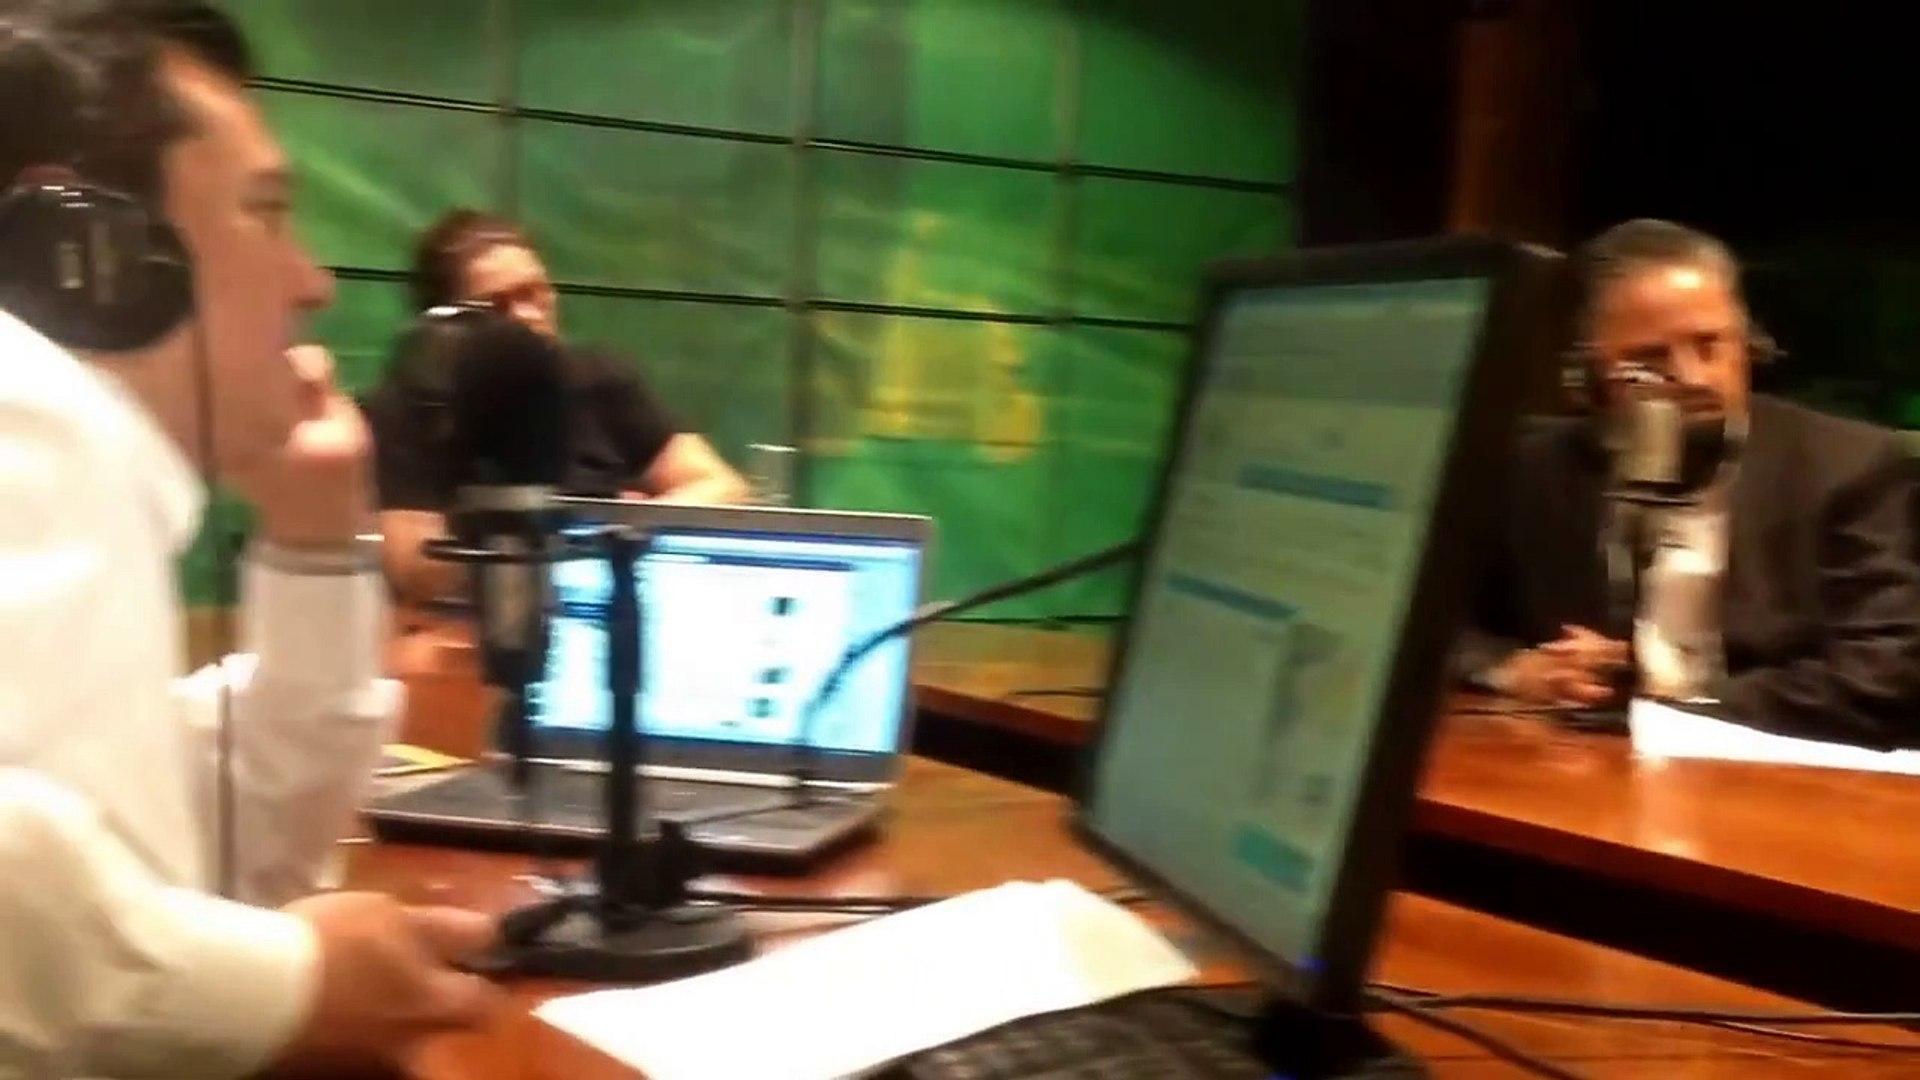 Camilo Blanes Entrevista con Martín Espinosa en Reporte Noticias 98.5 FM